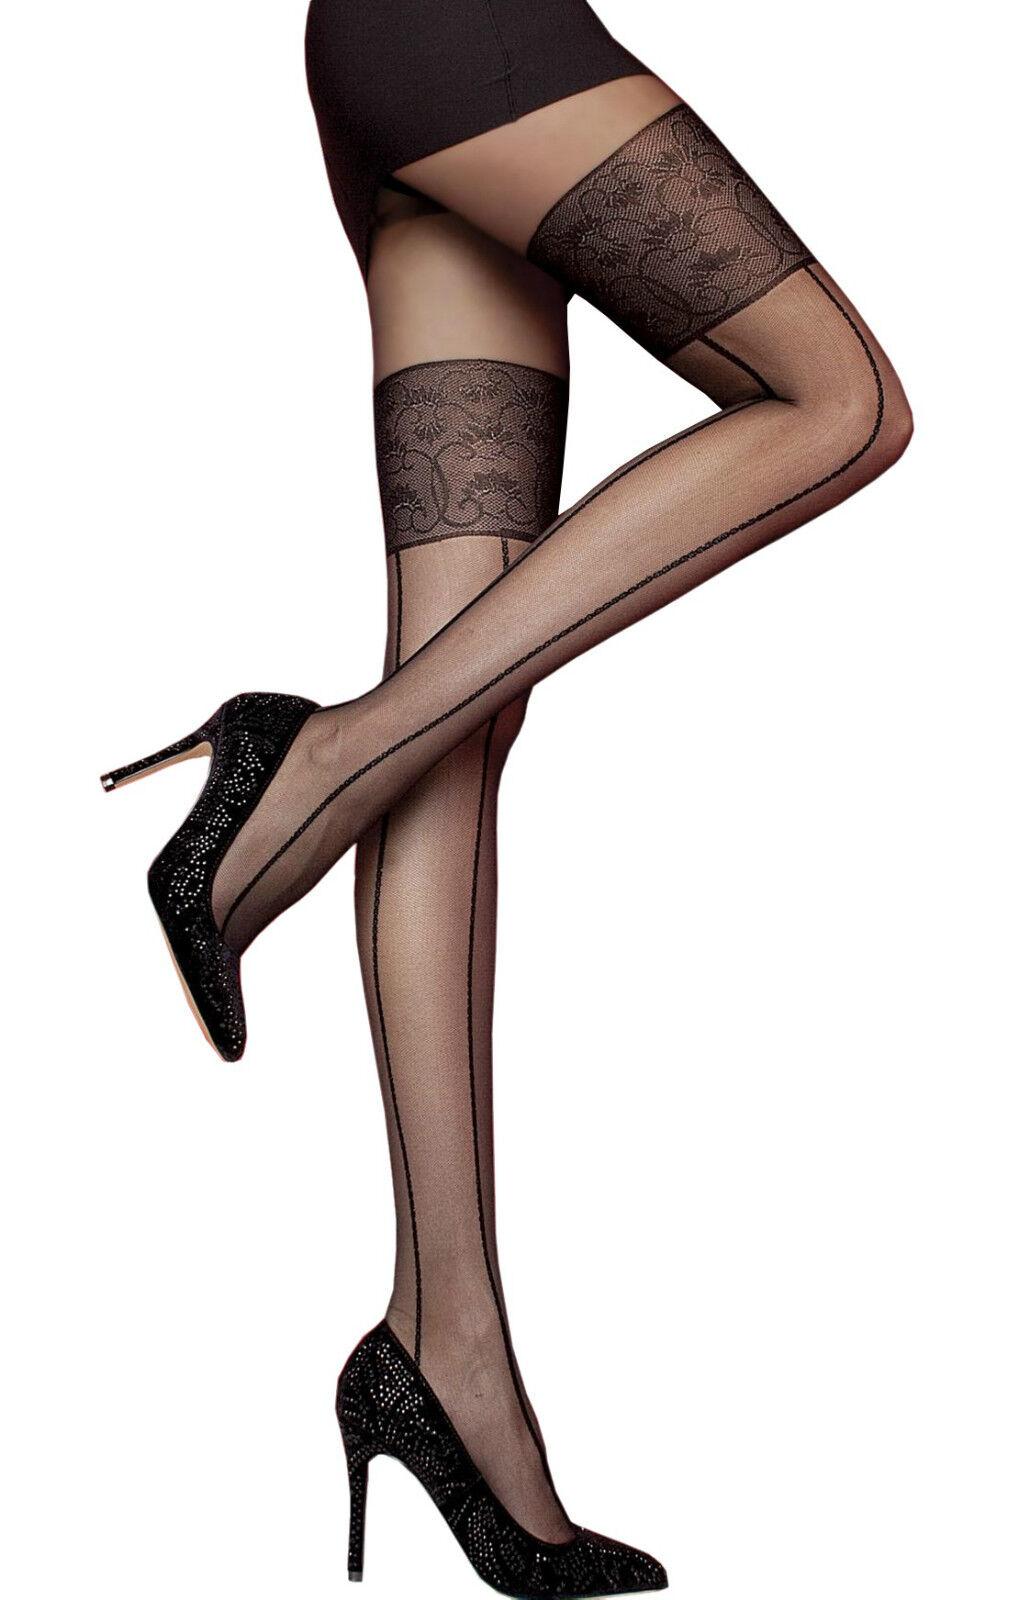 Collant sexy femme nylon noir - - Fiore - - Tullia - Fantaisie effet bas 20 den 05864a